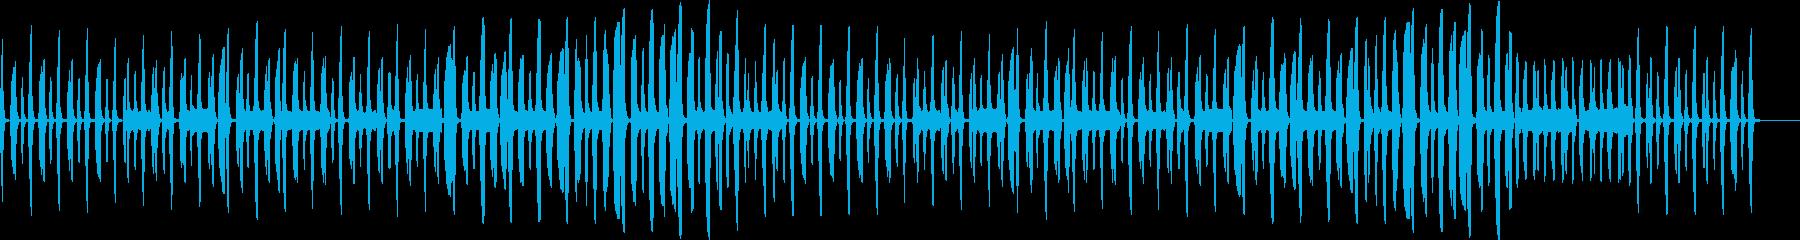 日常パート・リコーダー・説明・紹介の再生済みの波形